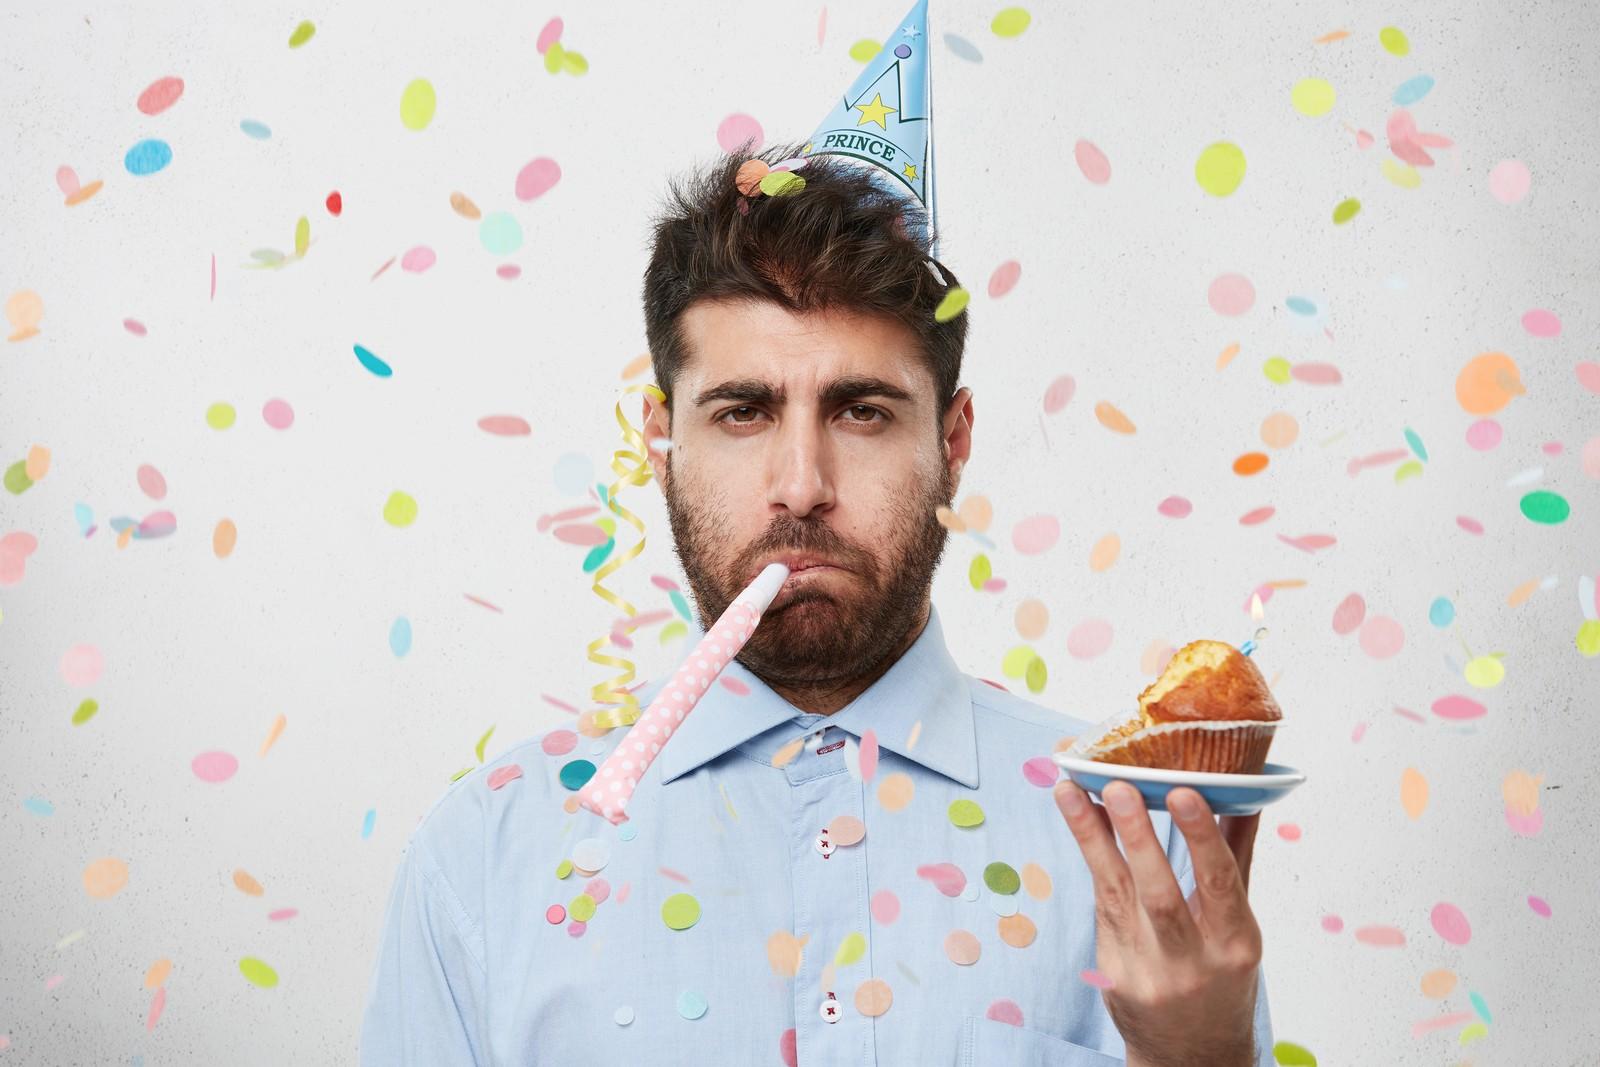 Ist der Anlass für die Betriebsfeier privat, dann handelt es sich für das Geburtstagskind um steuerpflichtige Einkünfte.